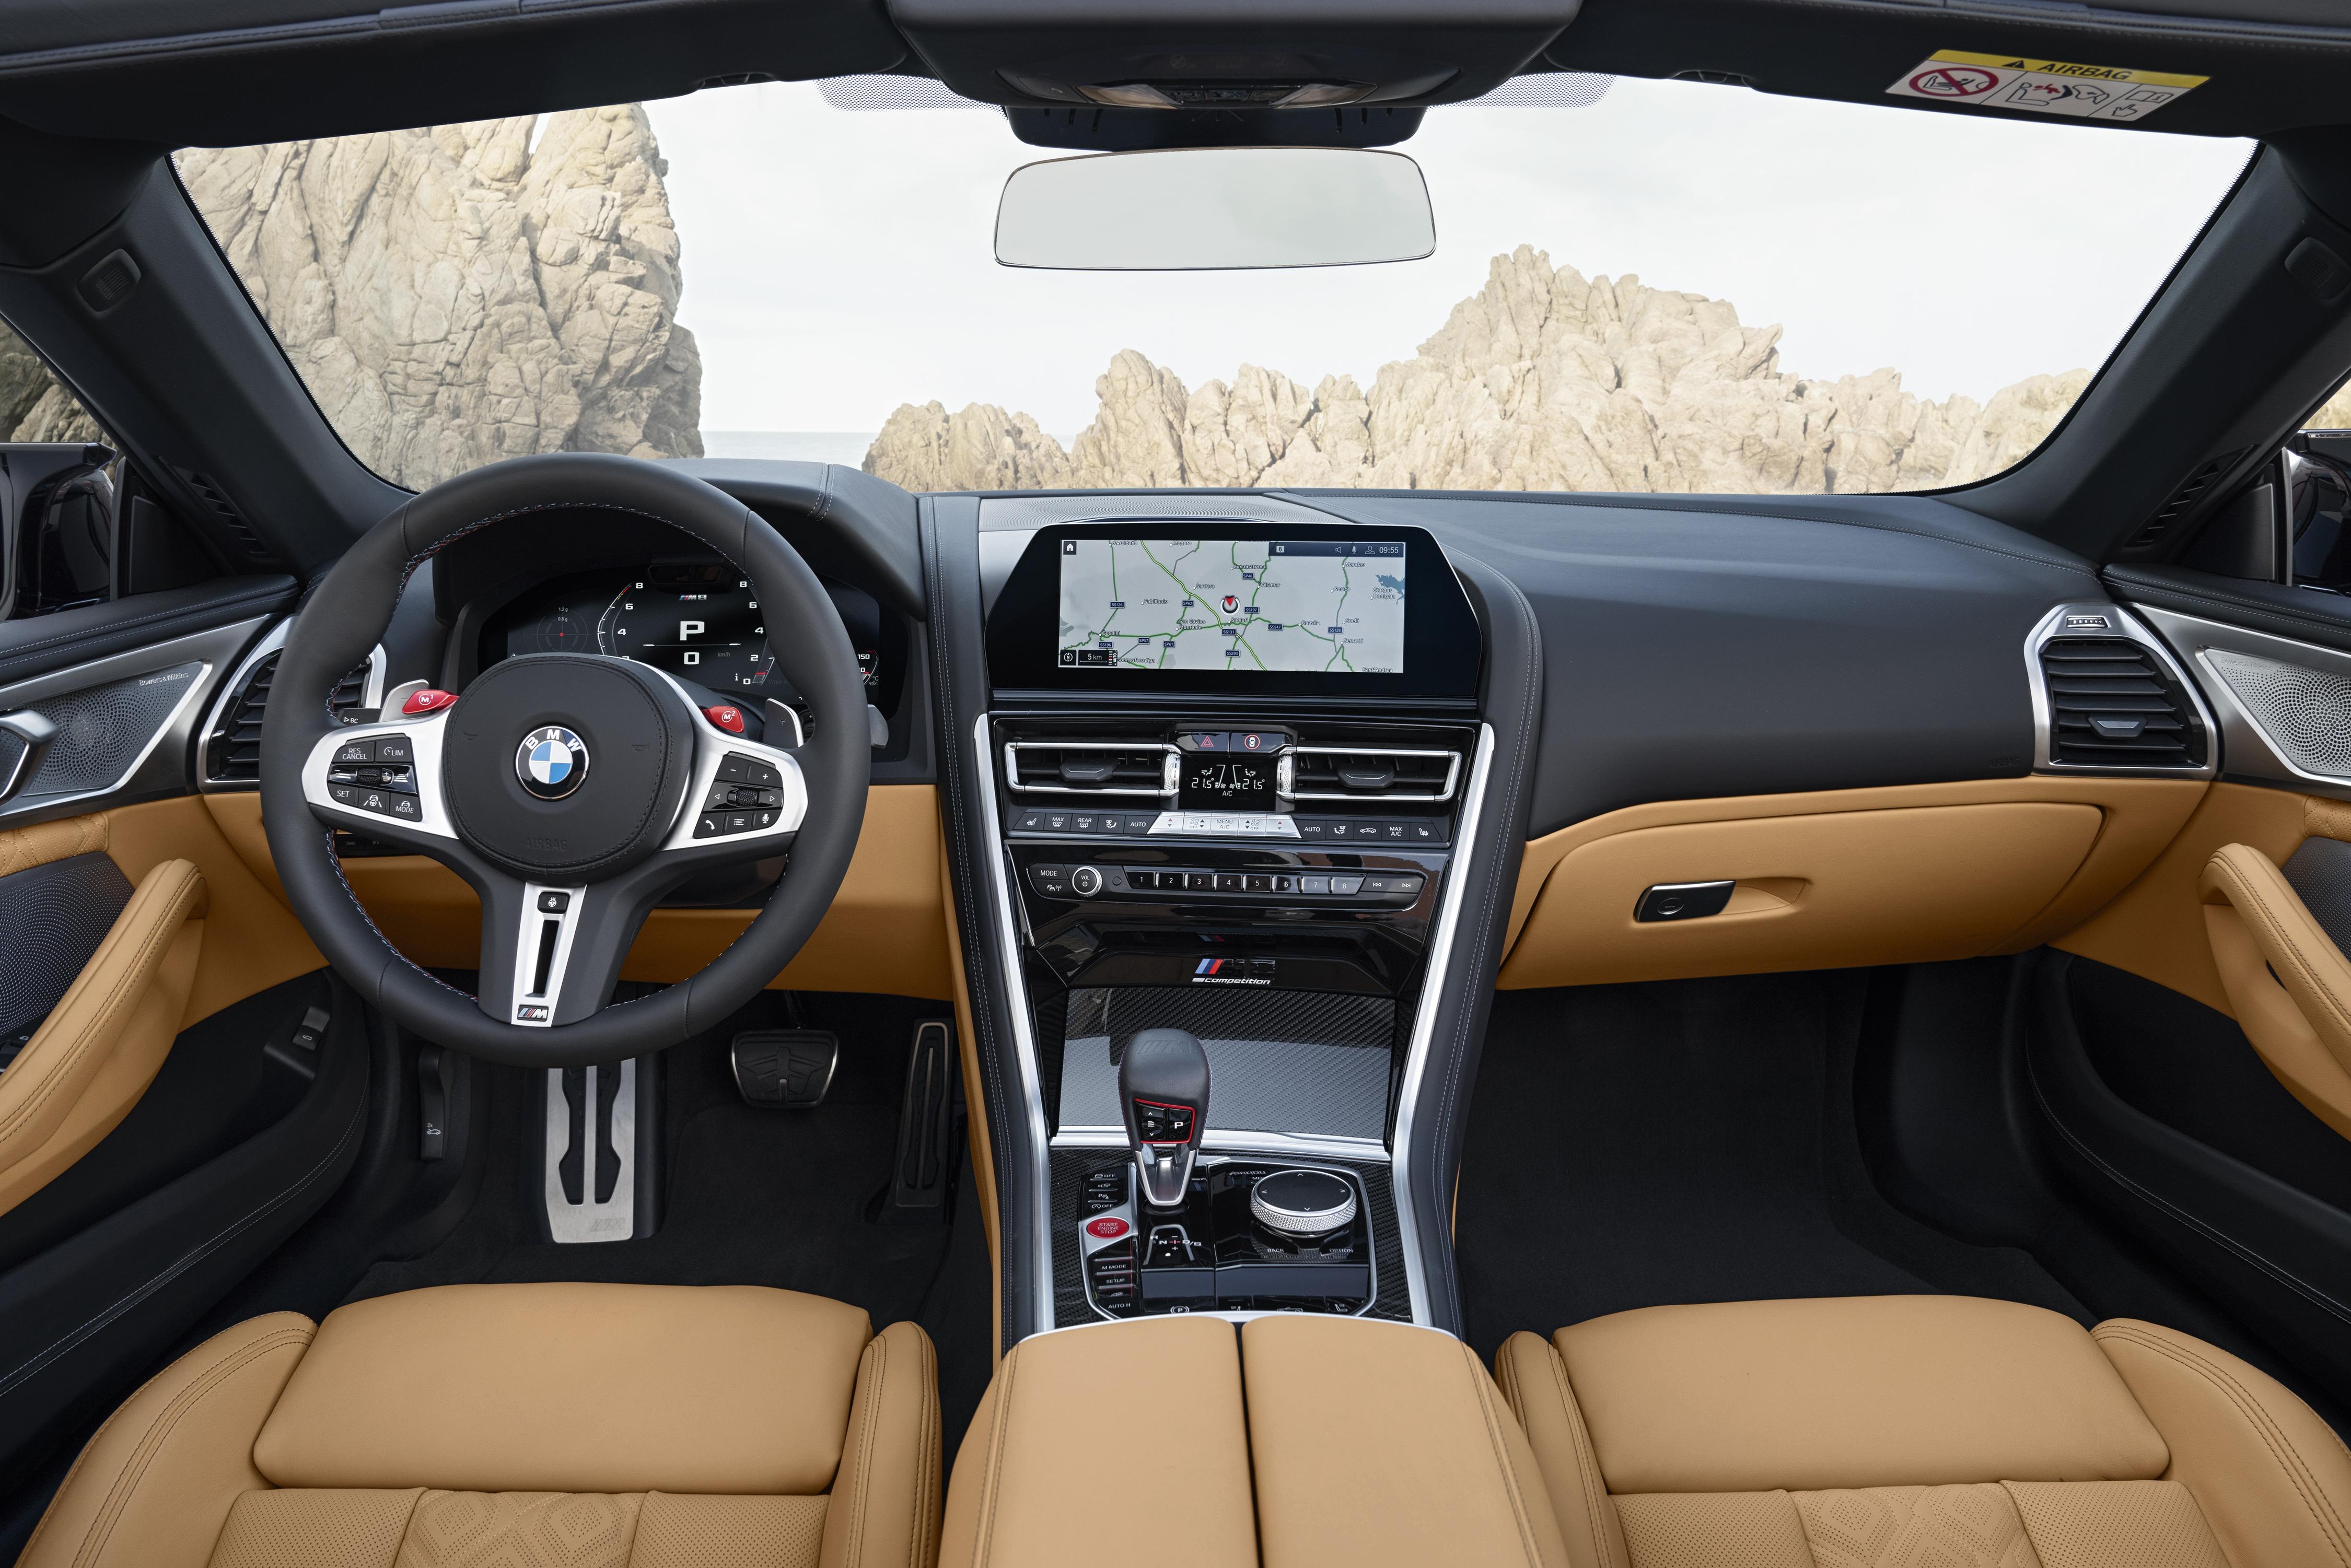 Coupé má střechu z uhlíkových vláken vyztužených plastem, Cabrio naopak elektricky ovládanou plátěnou střechu.